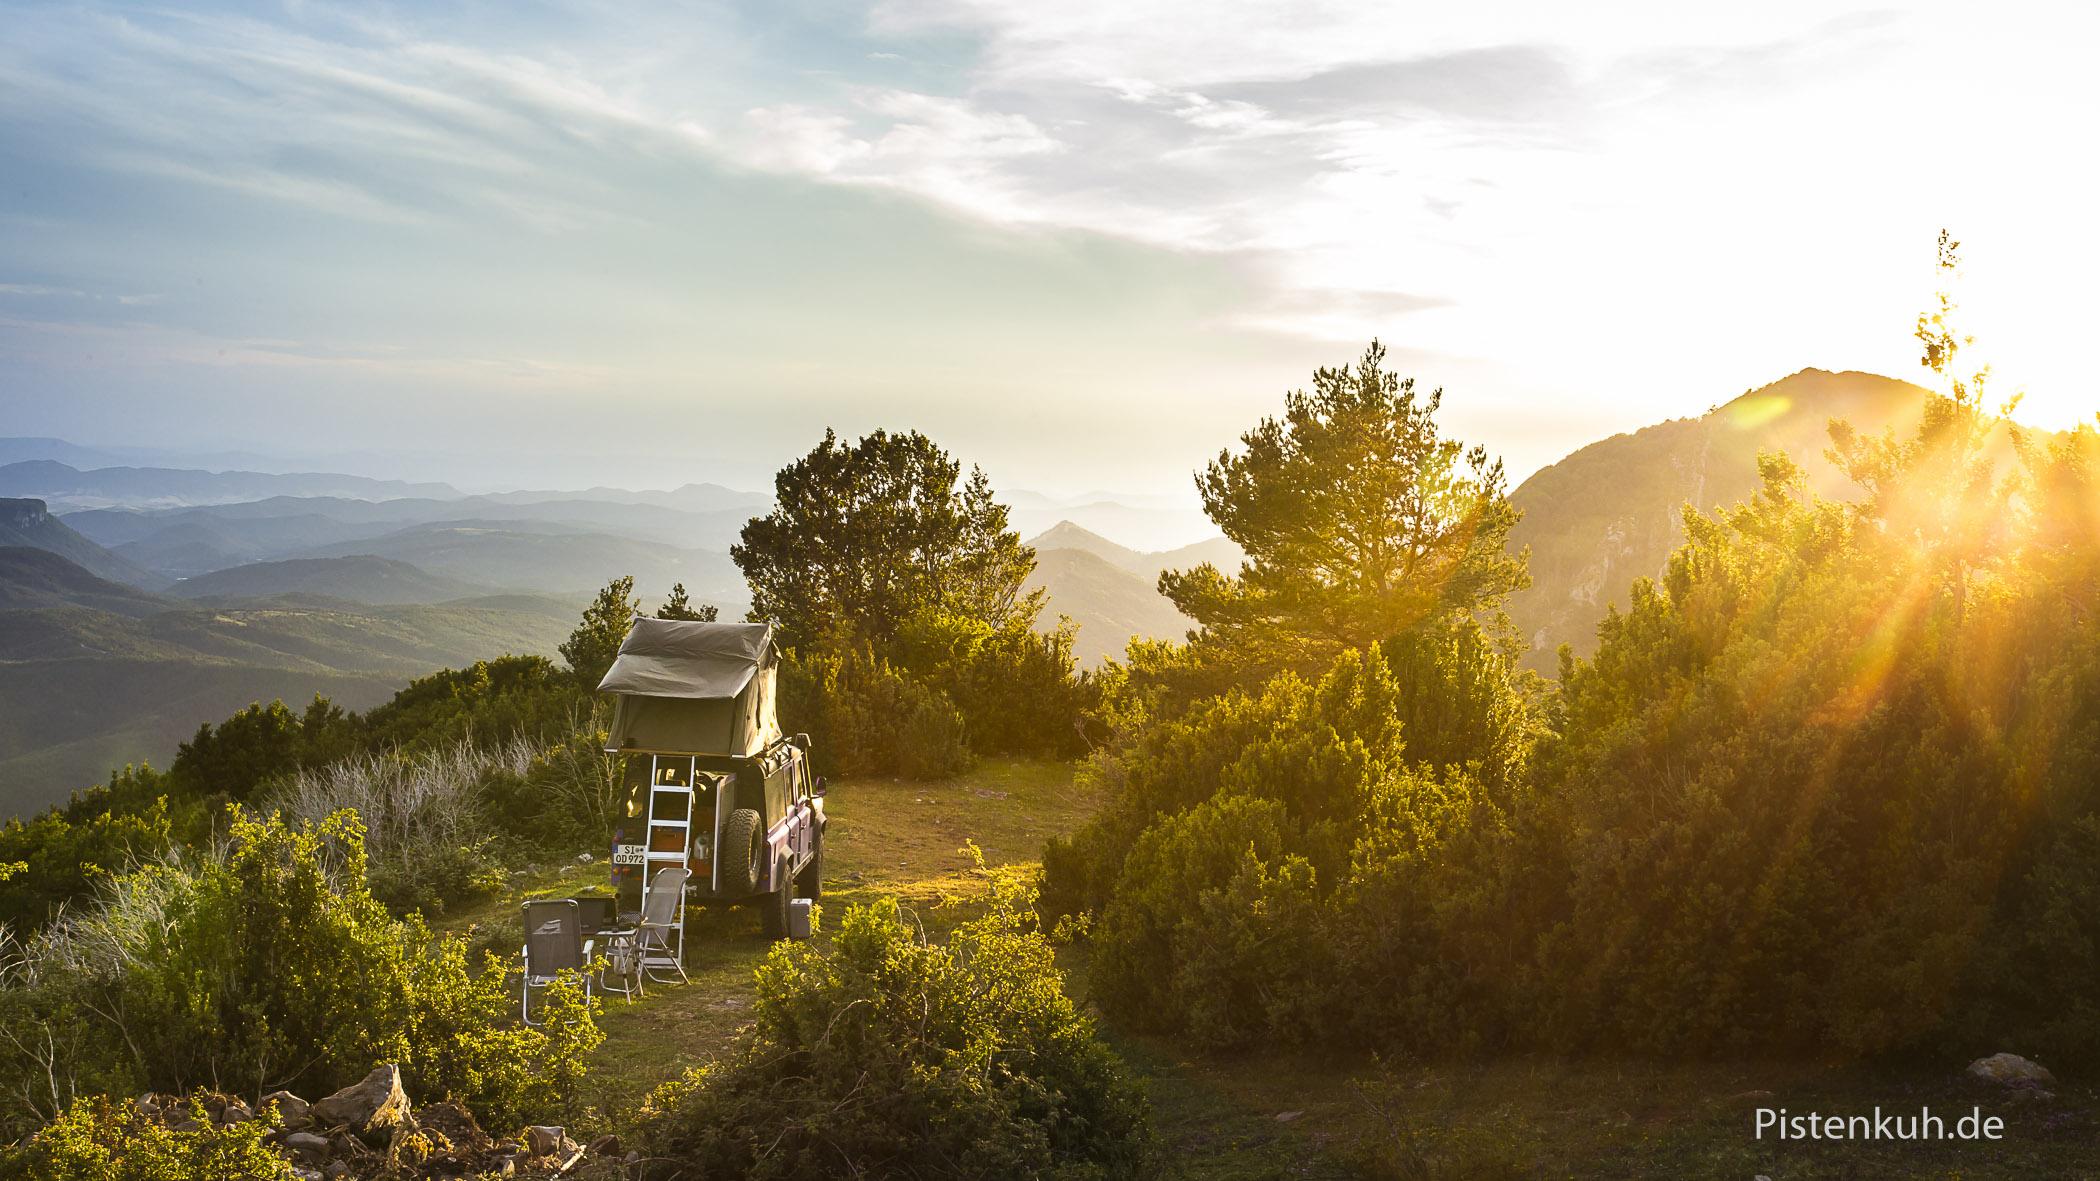 Morgensonne in den Bergen, man könnte einfach bleiben, doch reicht der Strom der Batterie?